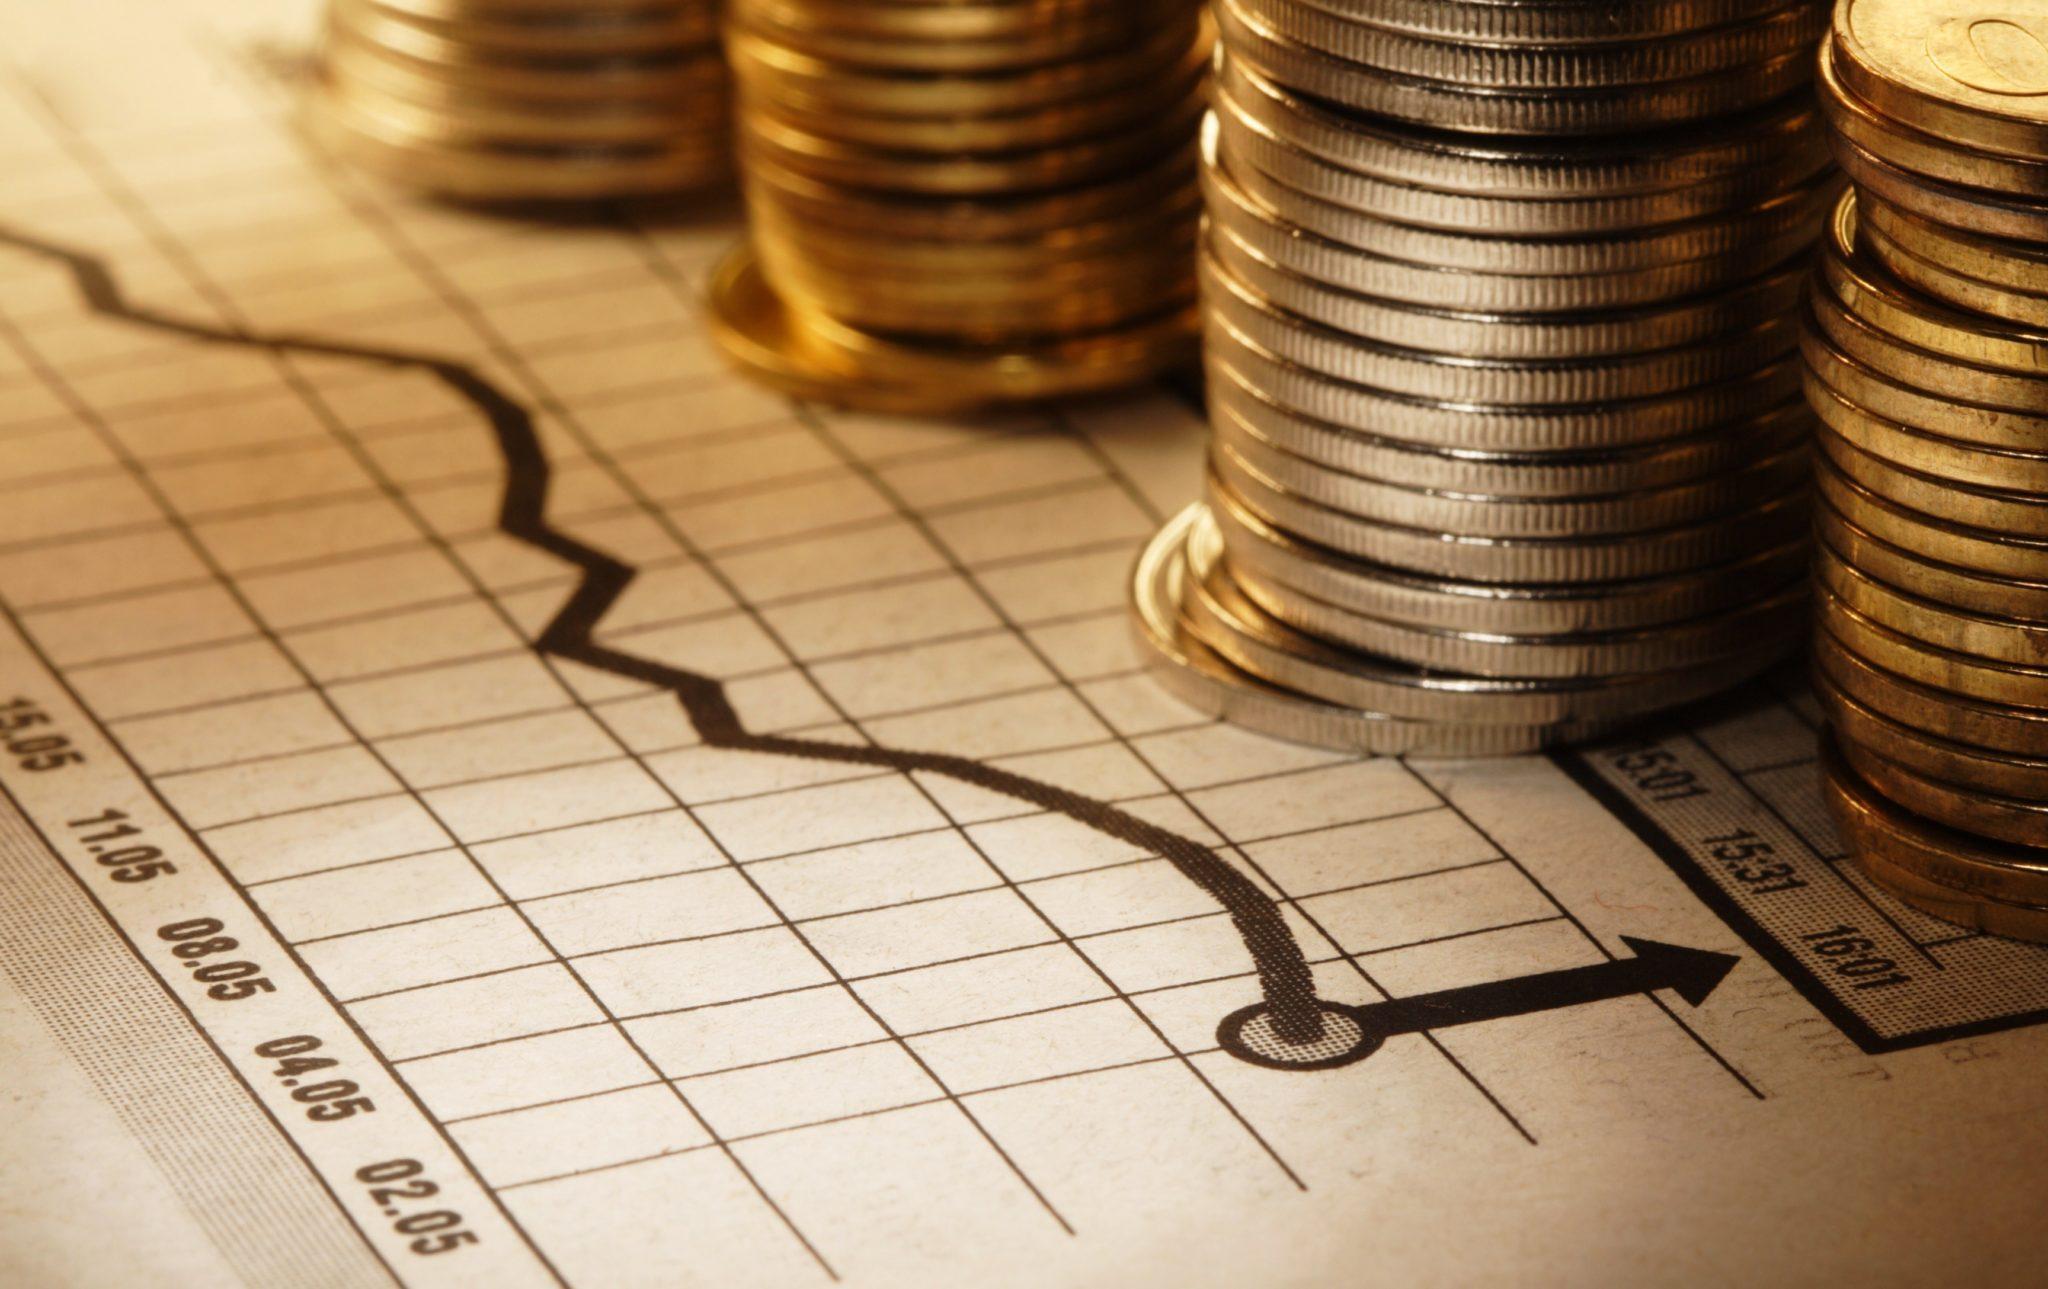 ЕС нужно 720 млрд евро, чтобы не было волны банкротств и увольнений